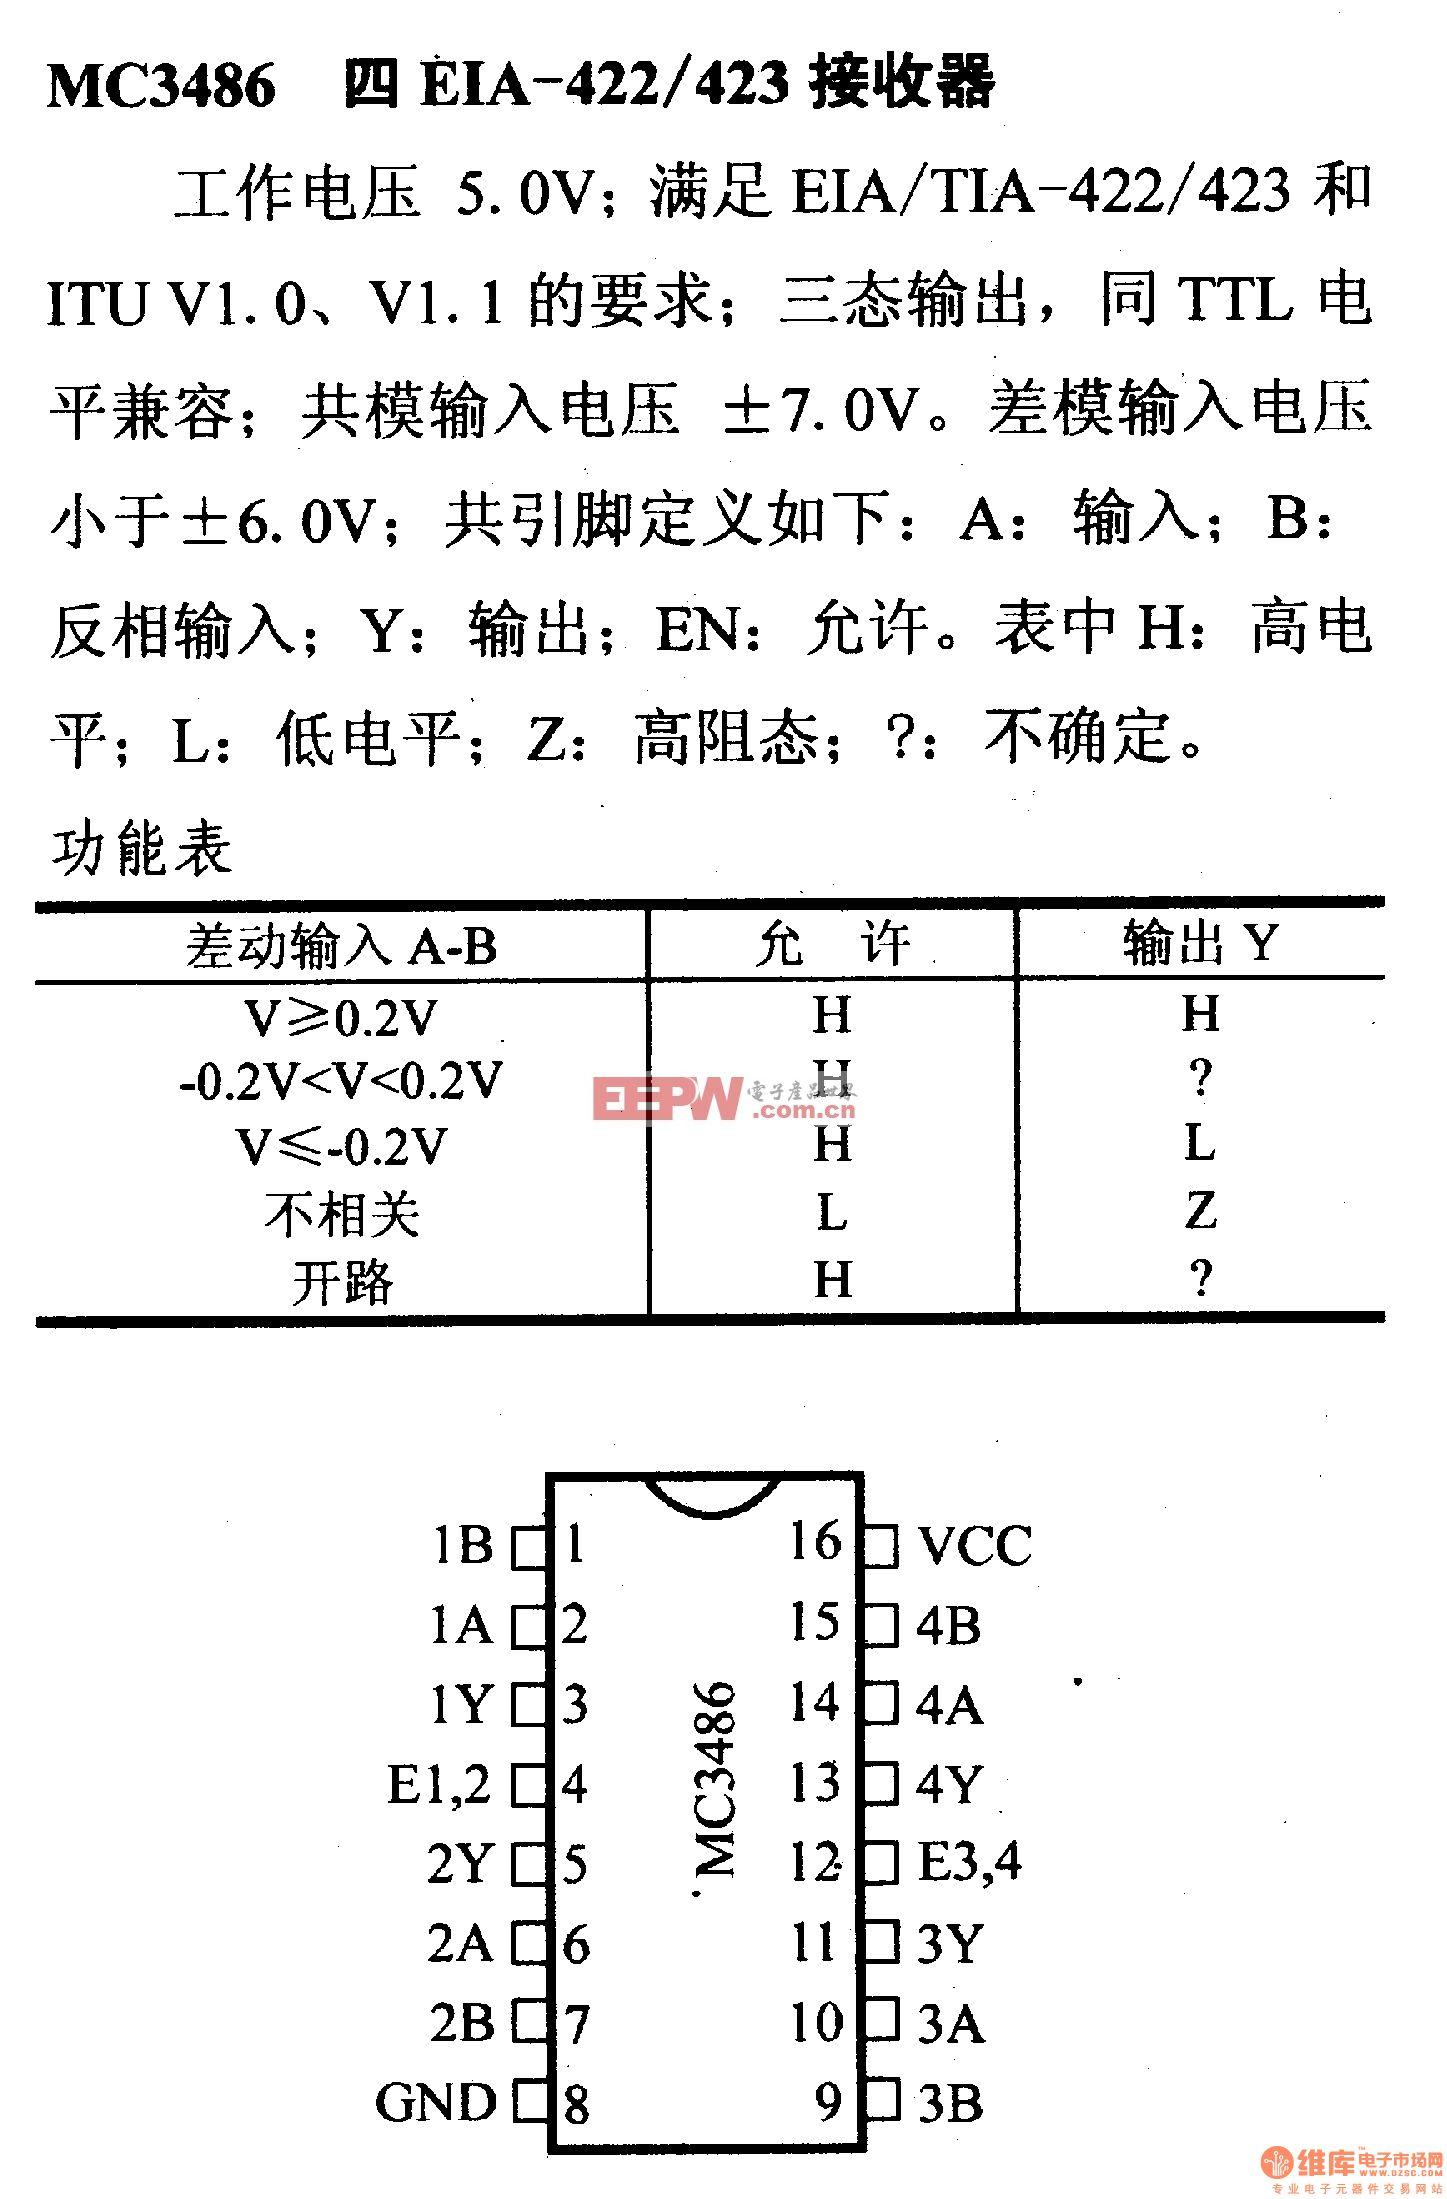 驱动器和通信电路引脚及主要特性MC3486 四EIA-422/423接收器